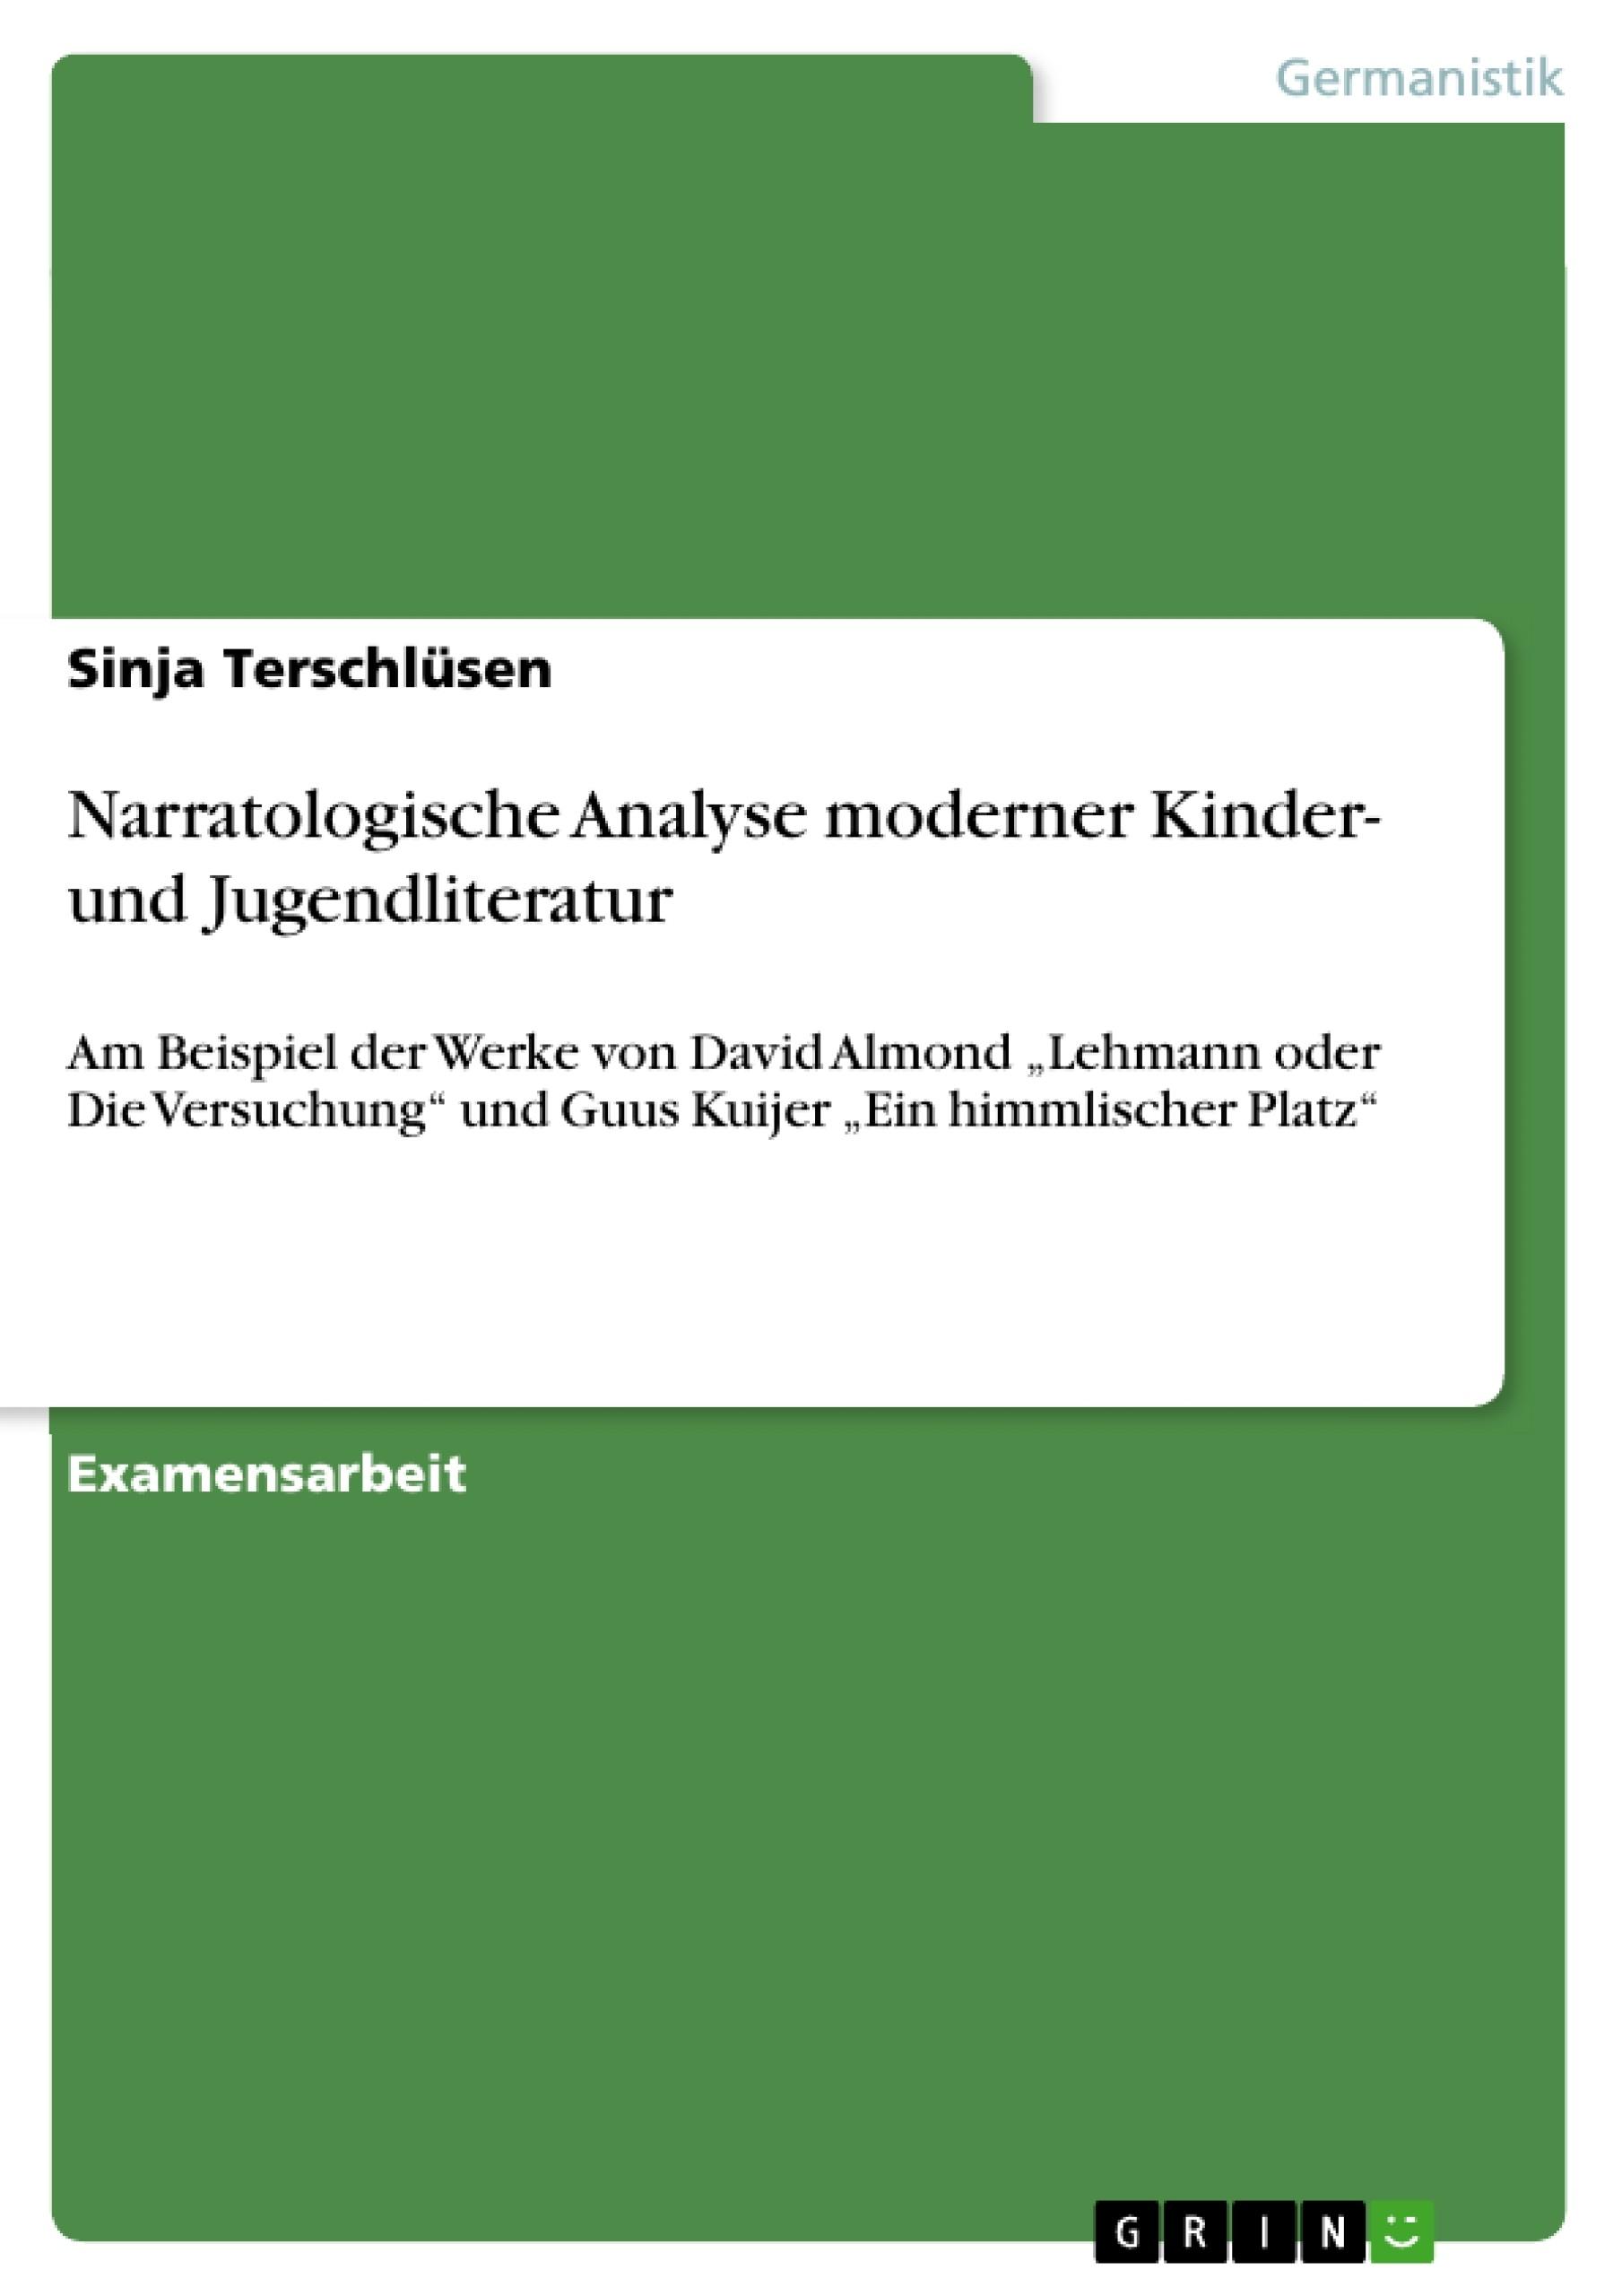 Titel: Narratologische Analyse moderner Kinder- und Jugendliteratur